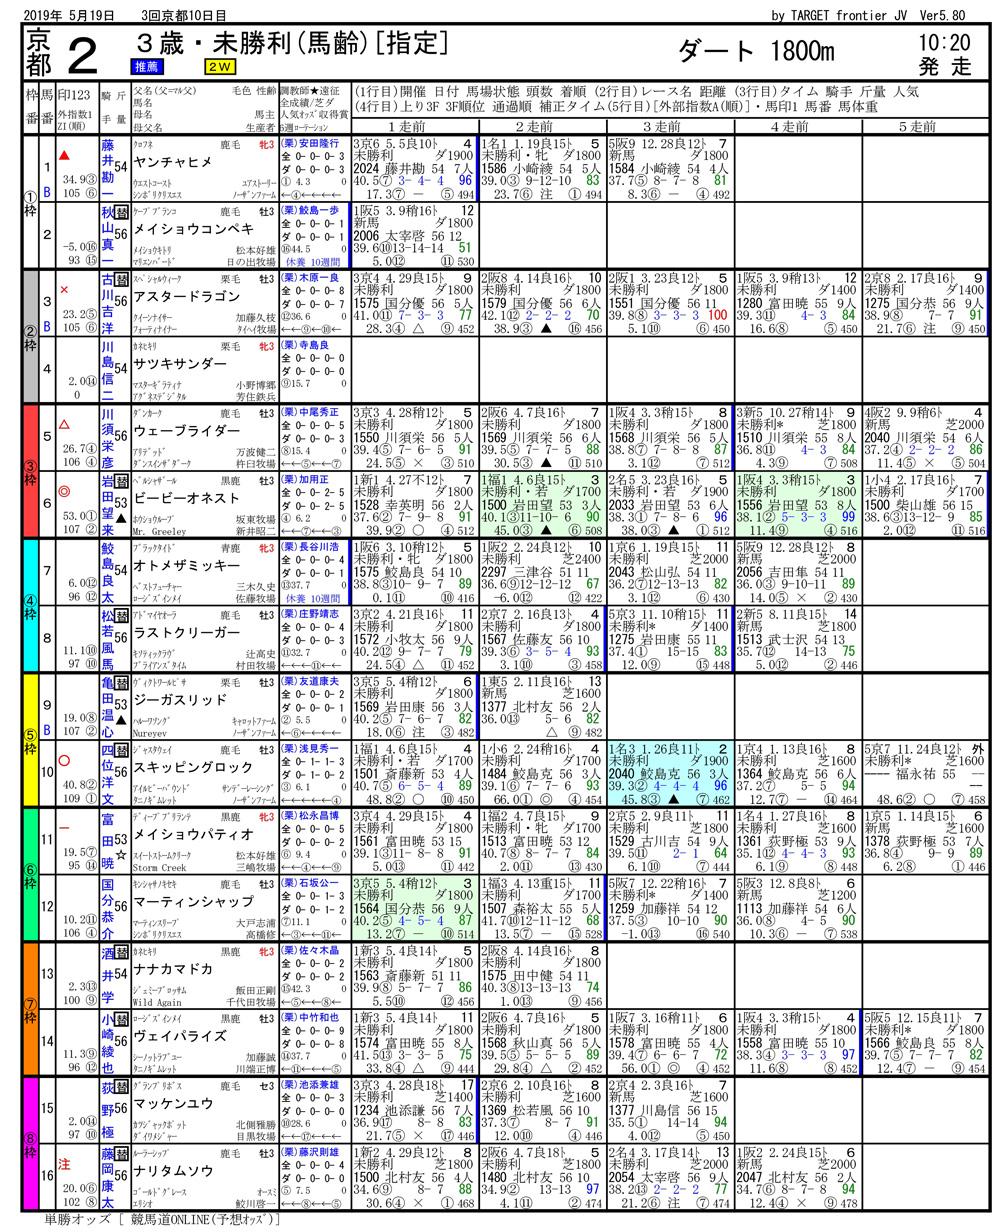 2019年05月19日開催 京都02R 3歳・未勝利 電脳競馬新聞3連単246.170円馬券的中